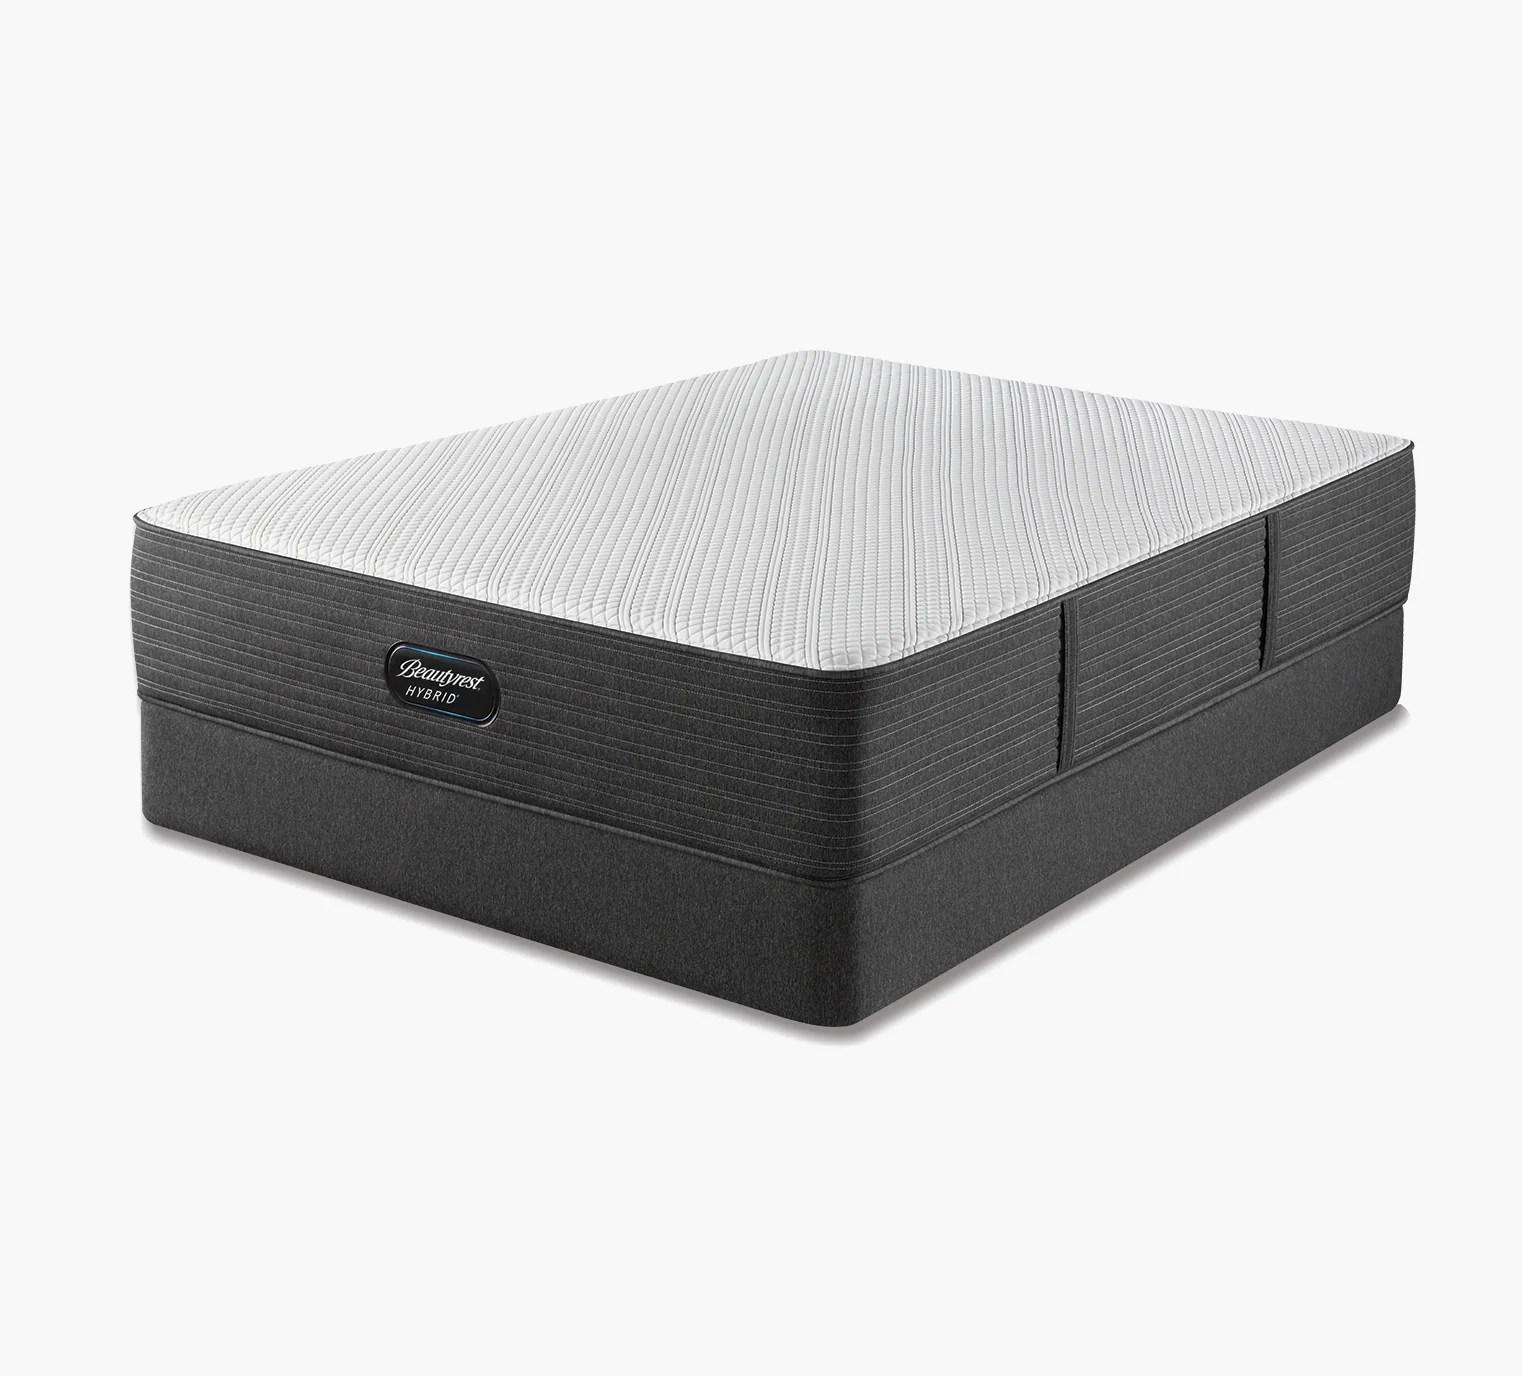 simmons beautyrest cooling hybrid king mattress